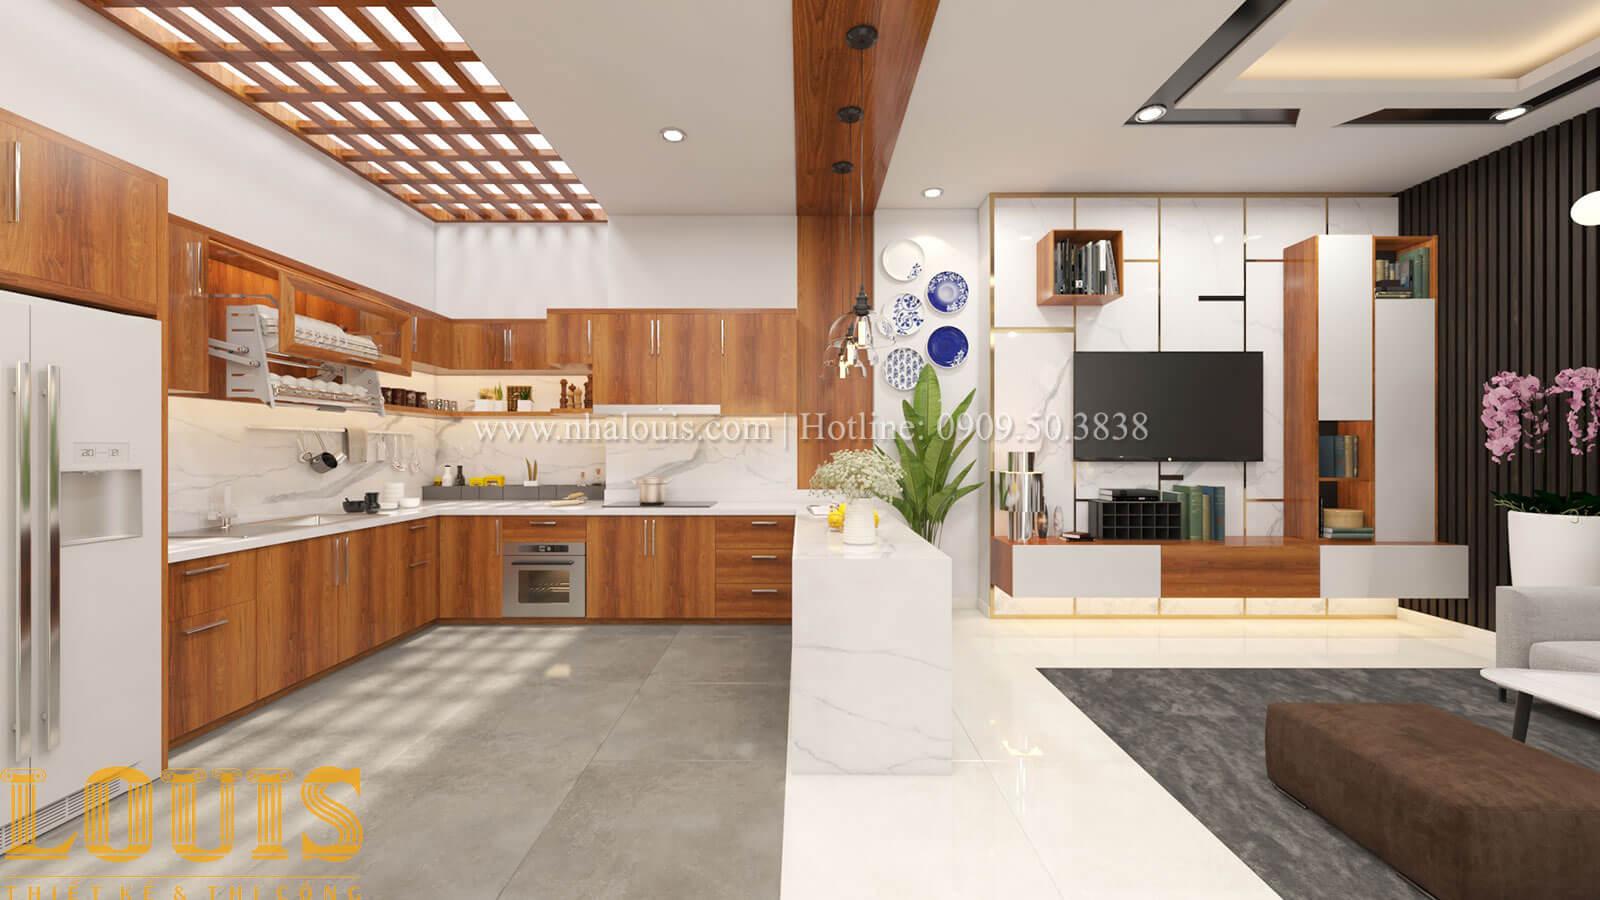 Bếp và phòng ăn Mẫu nhà 5 tầng đẹp hiện đại với thiết kế tối giản tại Tân Bình - 12